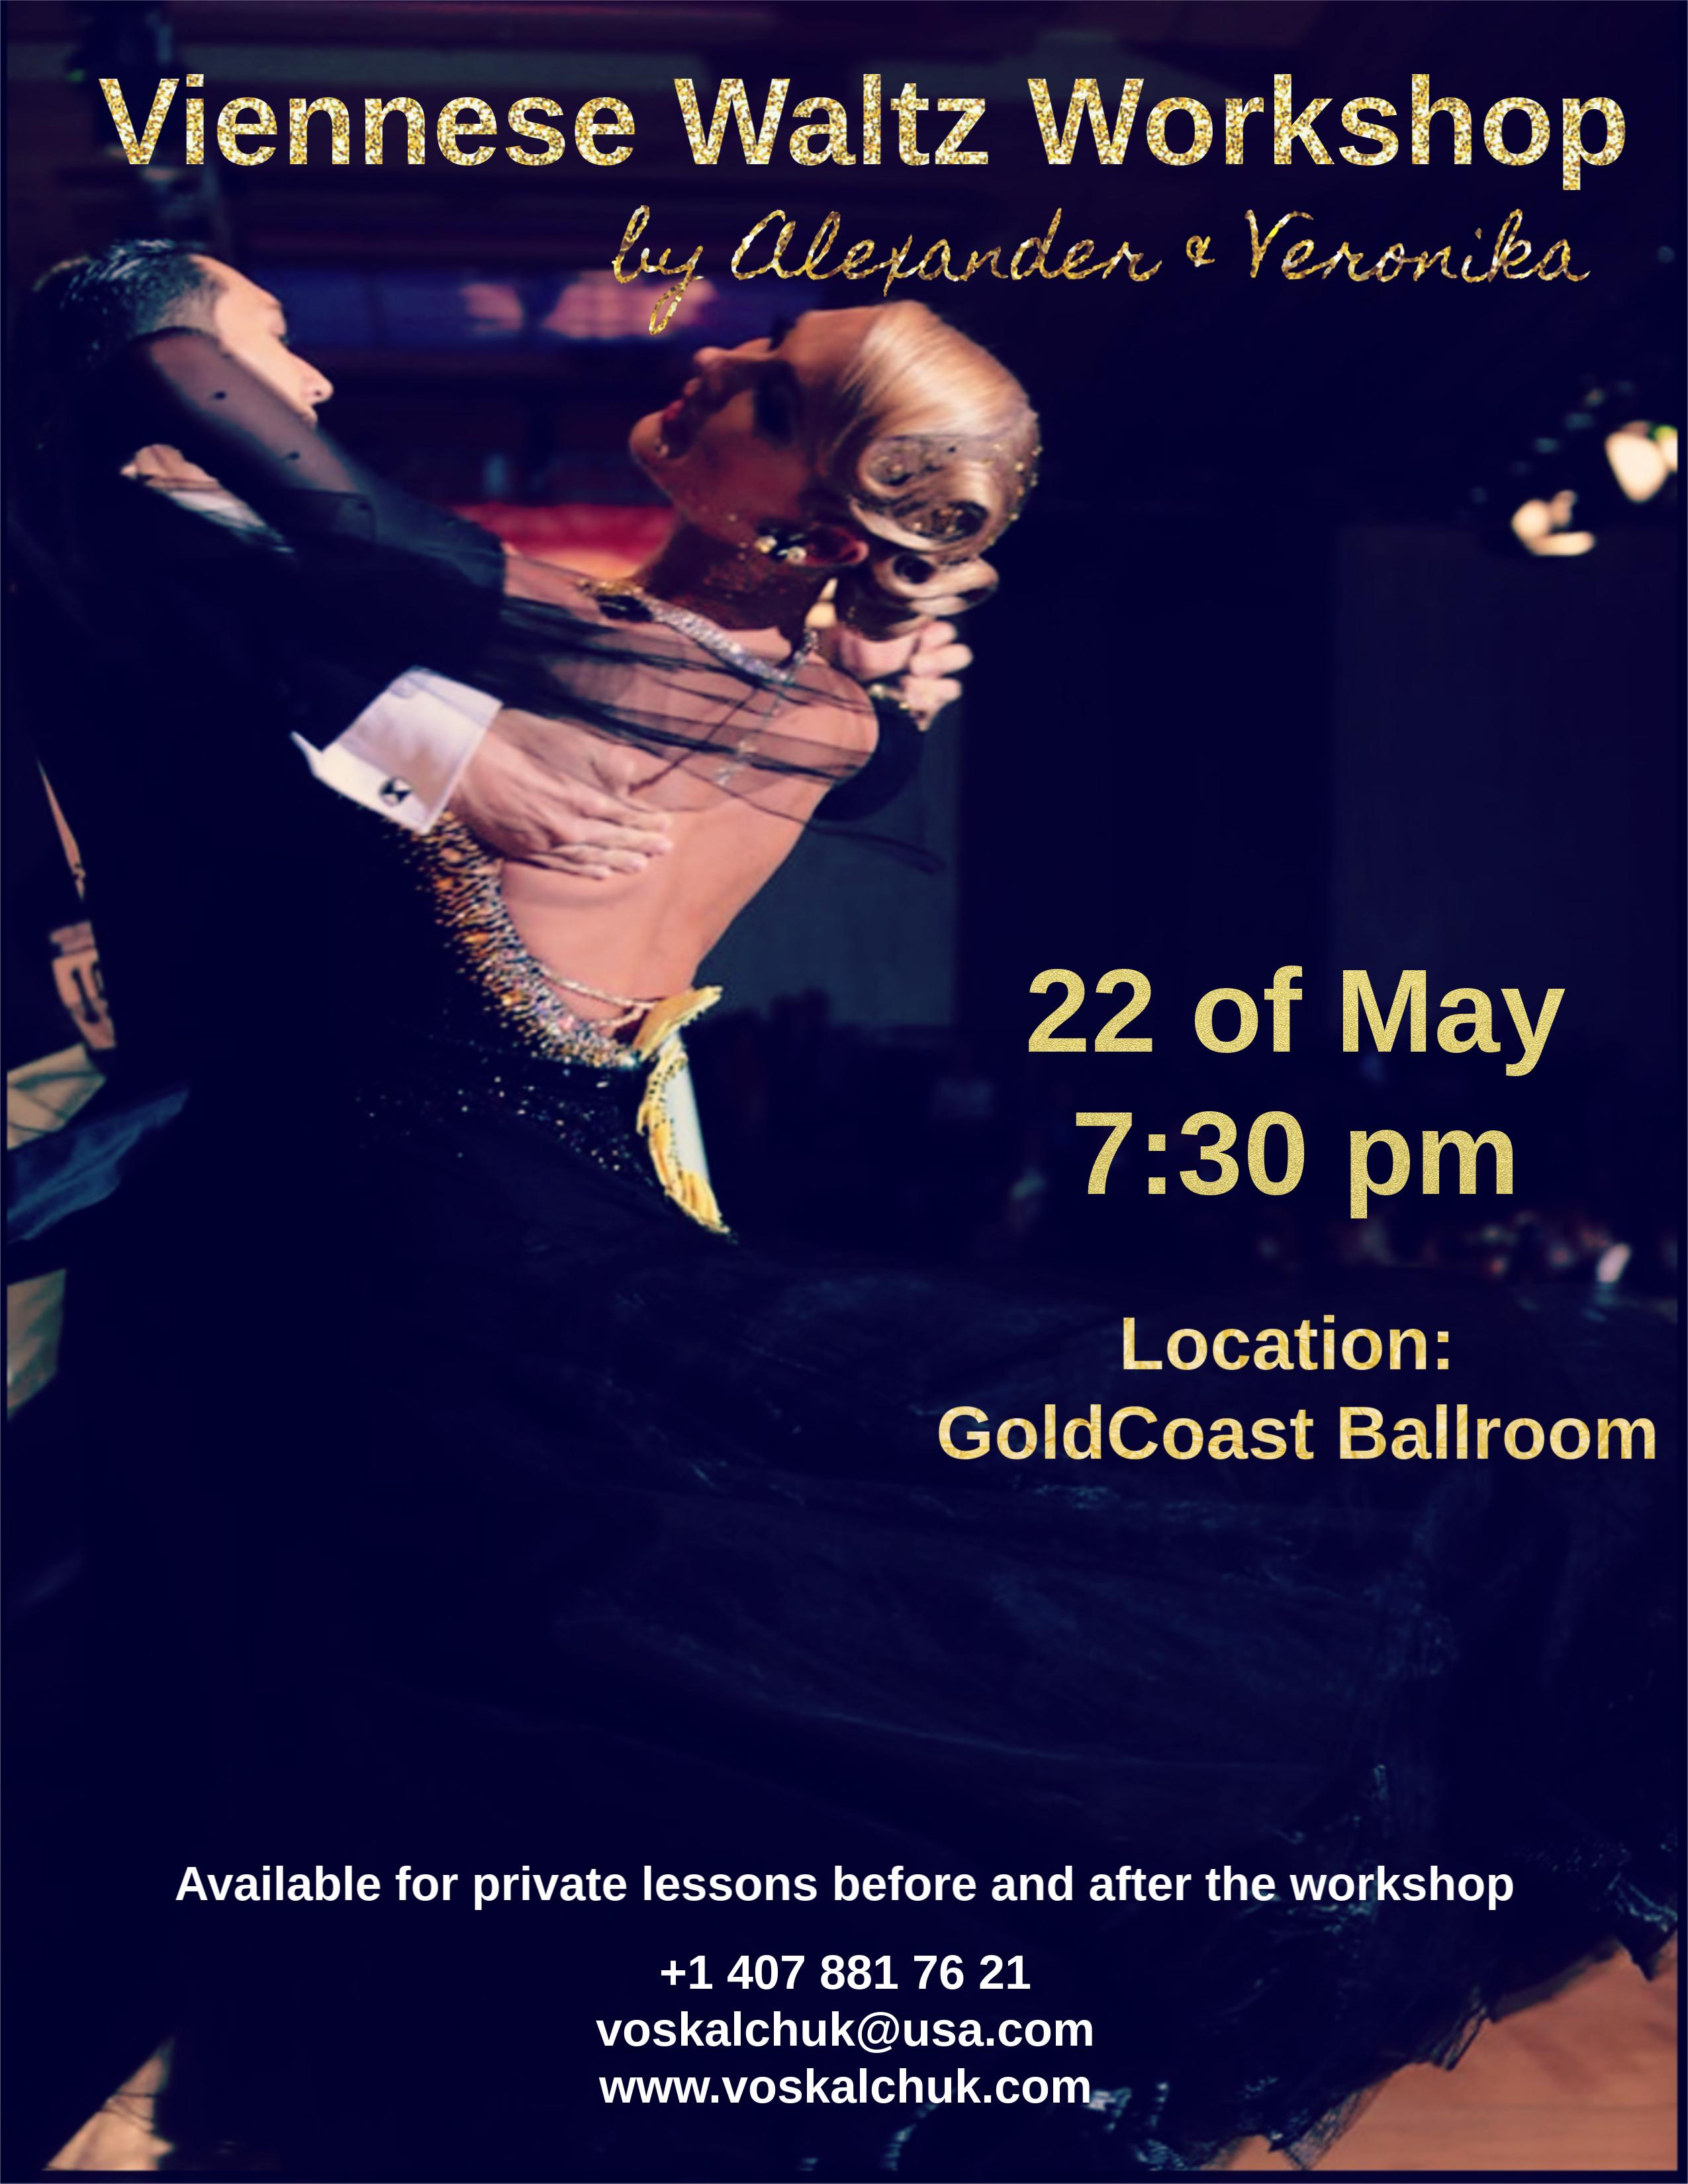 Alexander & Veronika Voskalchuk - Viennese Waltz Workshop - May 22, 2019!